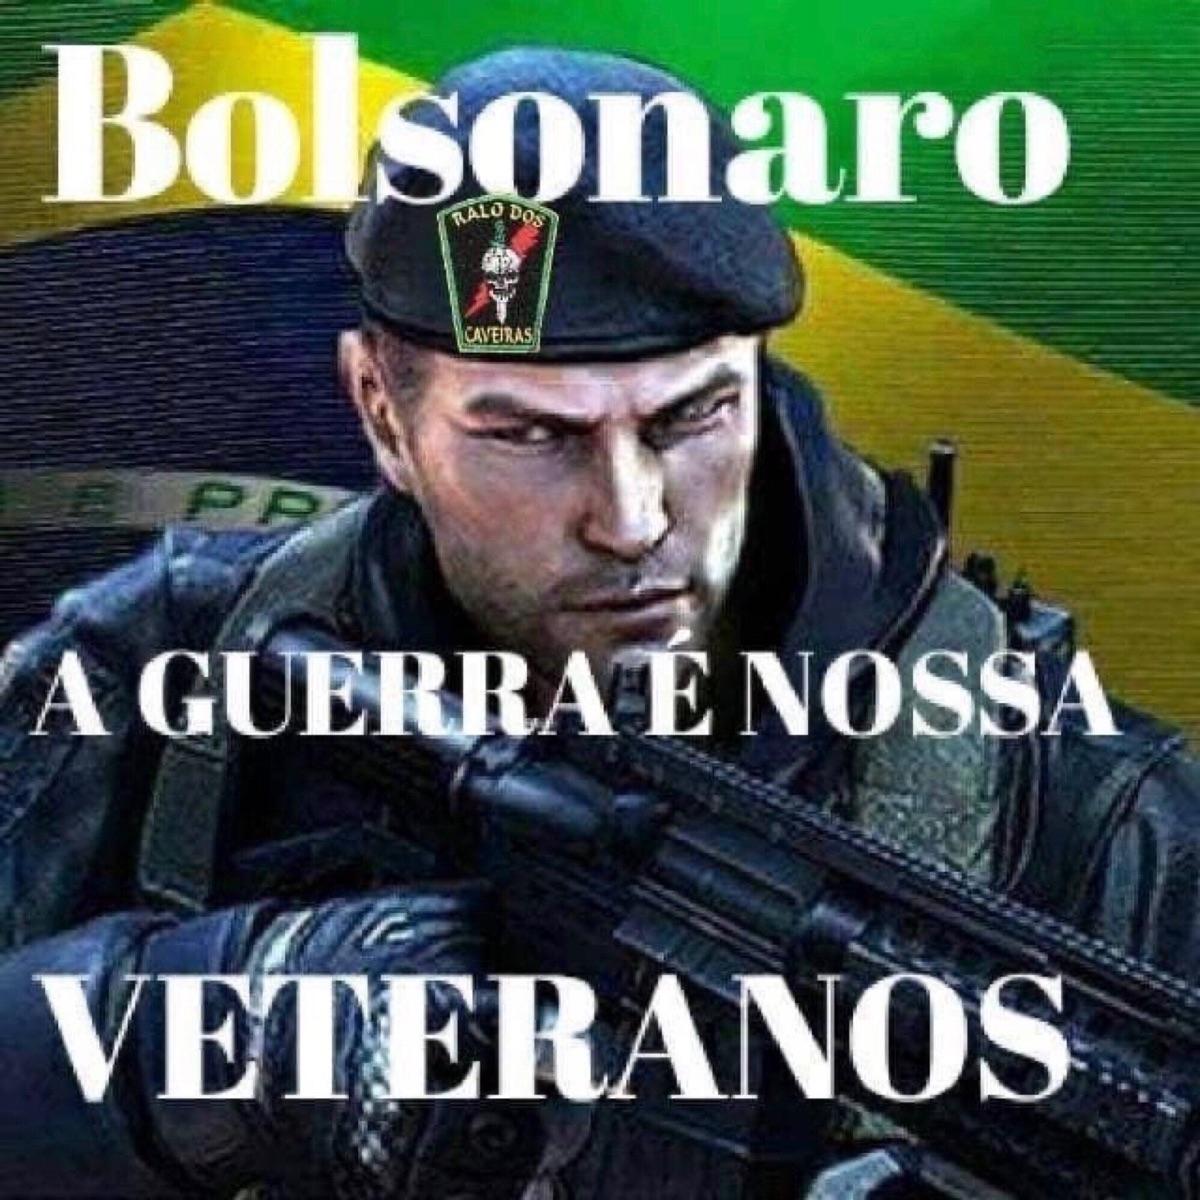 @luizcsbolsonariano Cover Image